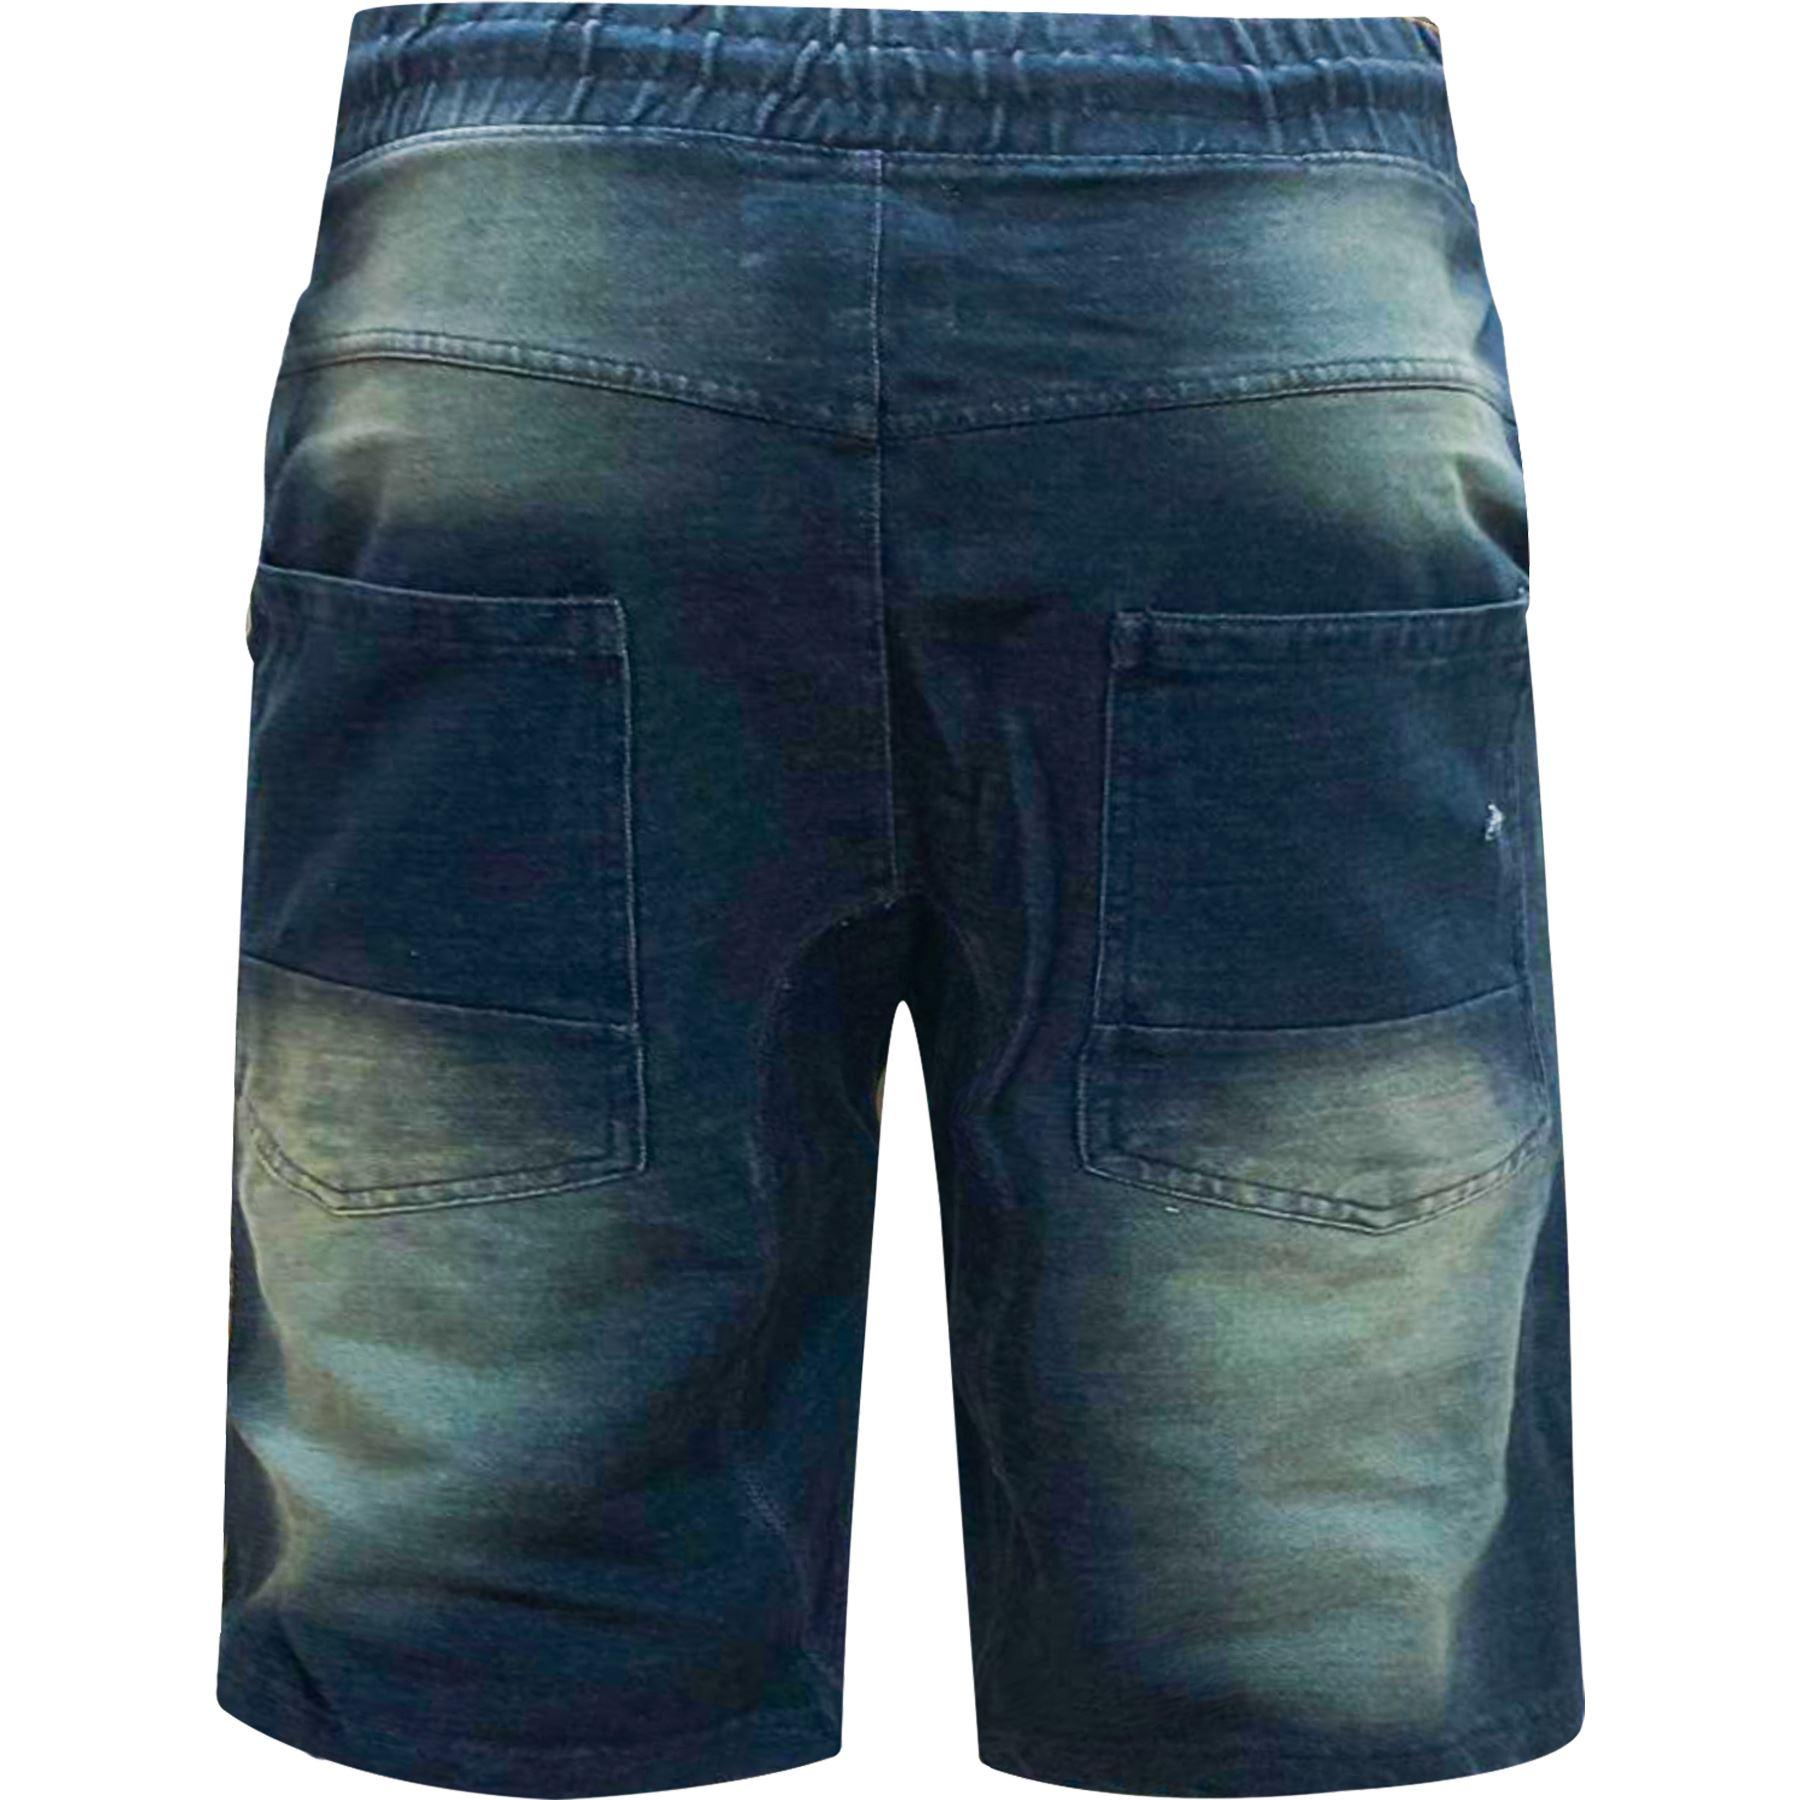 Para-hombre-Pantalones-cortos-de-mezclilla-con-aspecto-envejecido-rasgada-Deshilachado-Stretch-Jean miniatura 5